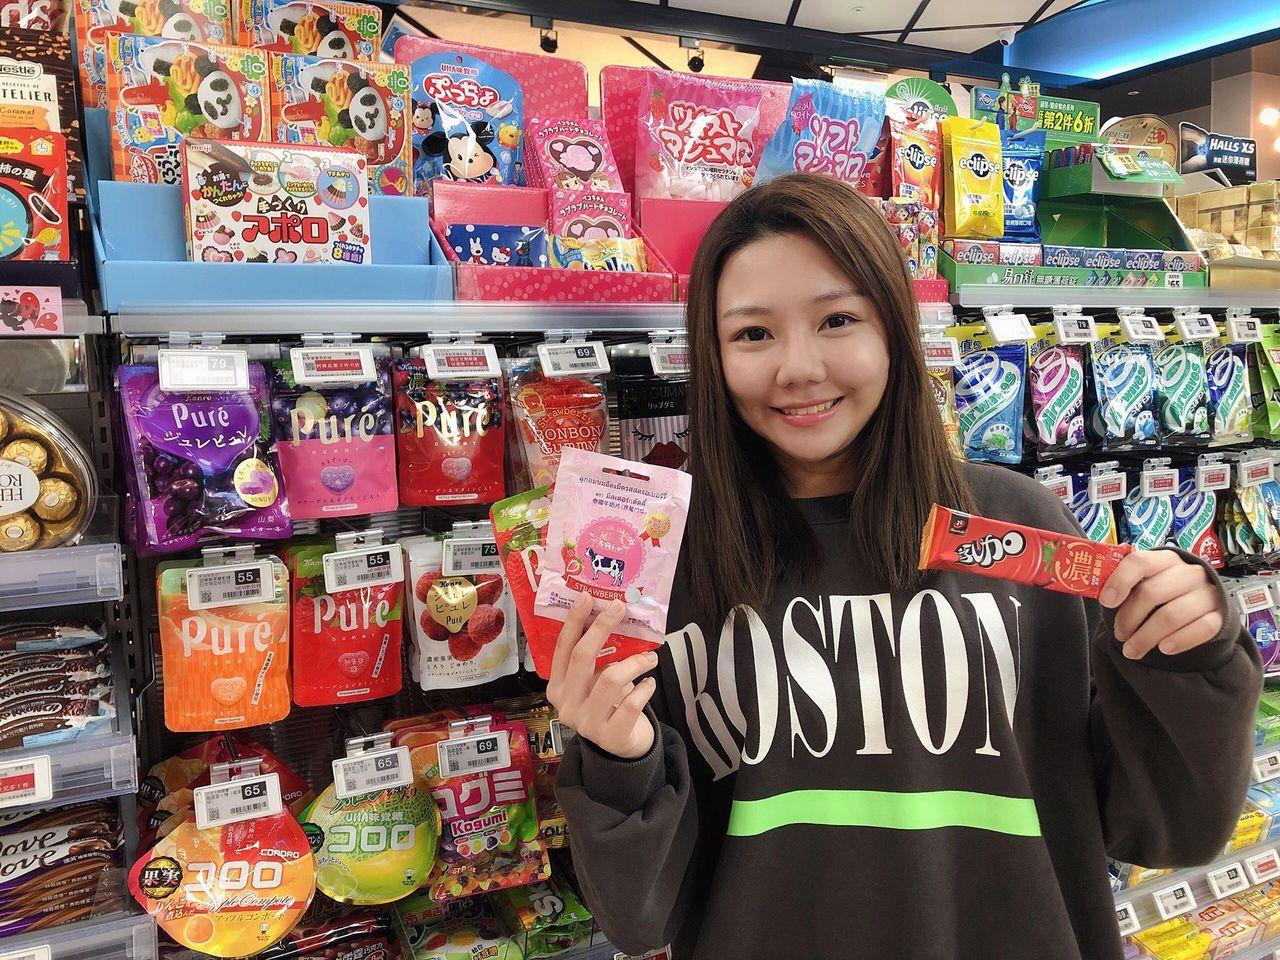 全家便利商店草莓季主打童趣風格的草莓新品。圖/全家便利商店提供